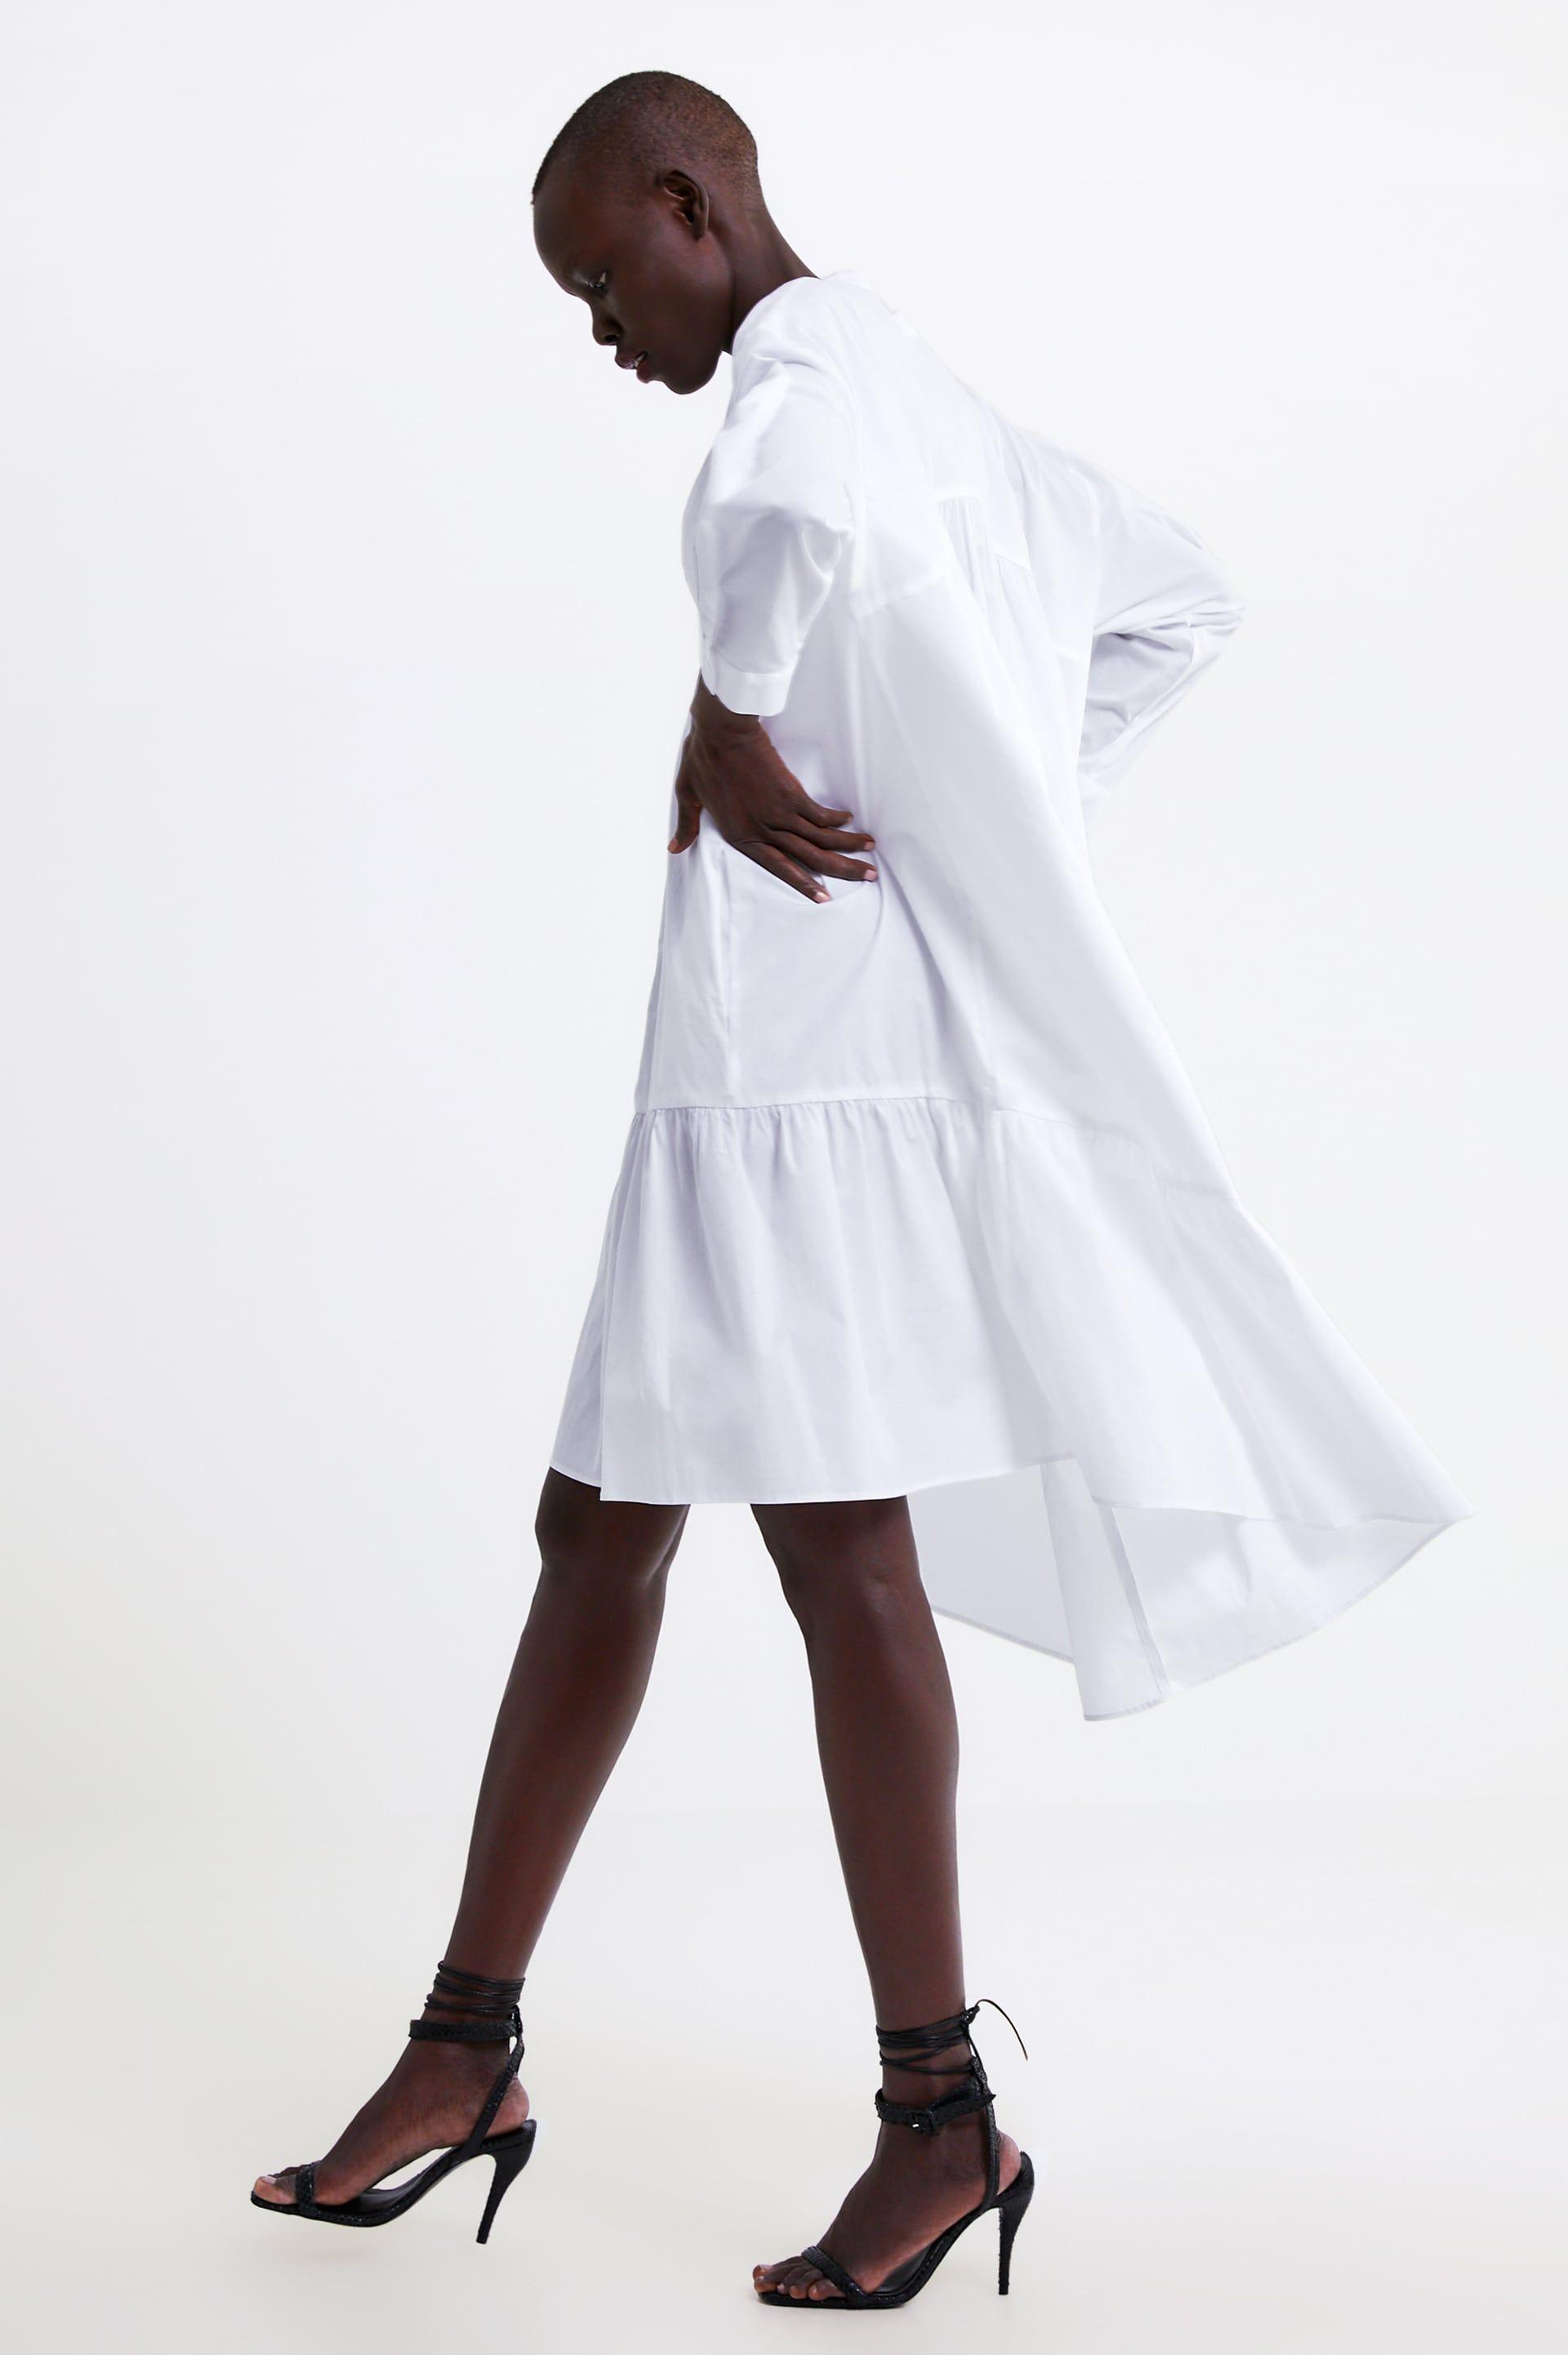 Long Poplin Dress New In Woman Zara United States White Flare Dress Zara Dress White Poplin Dress